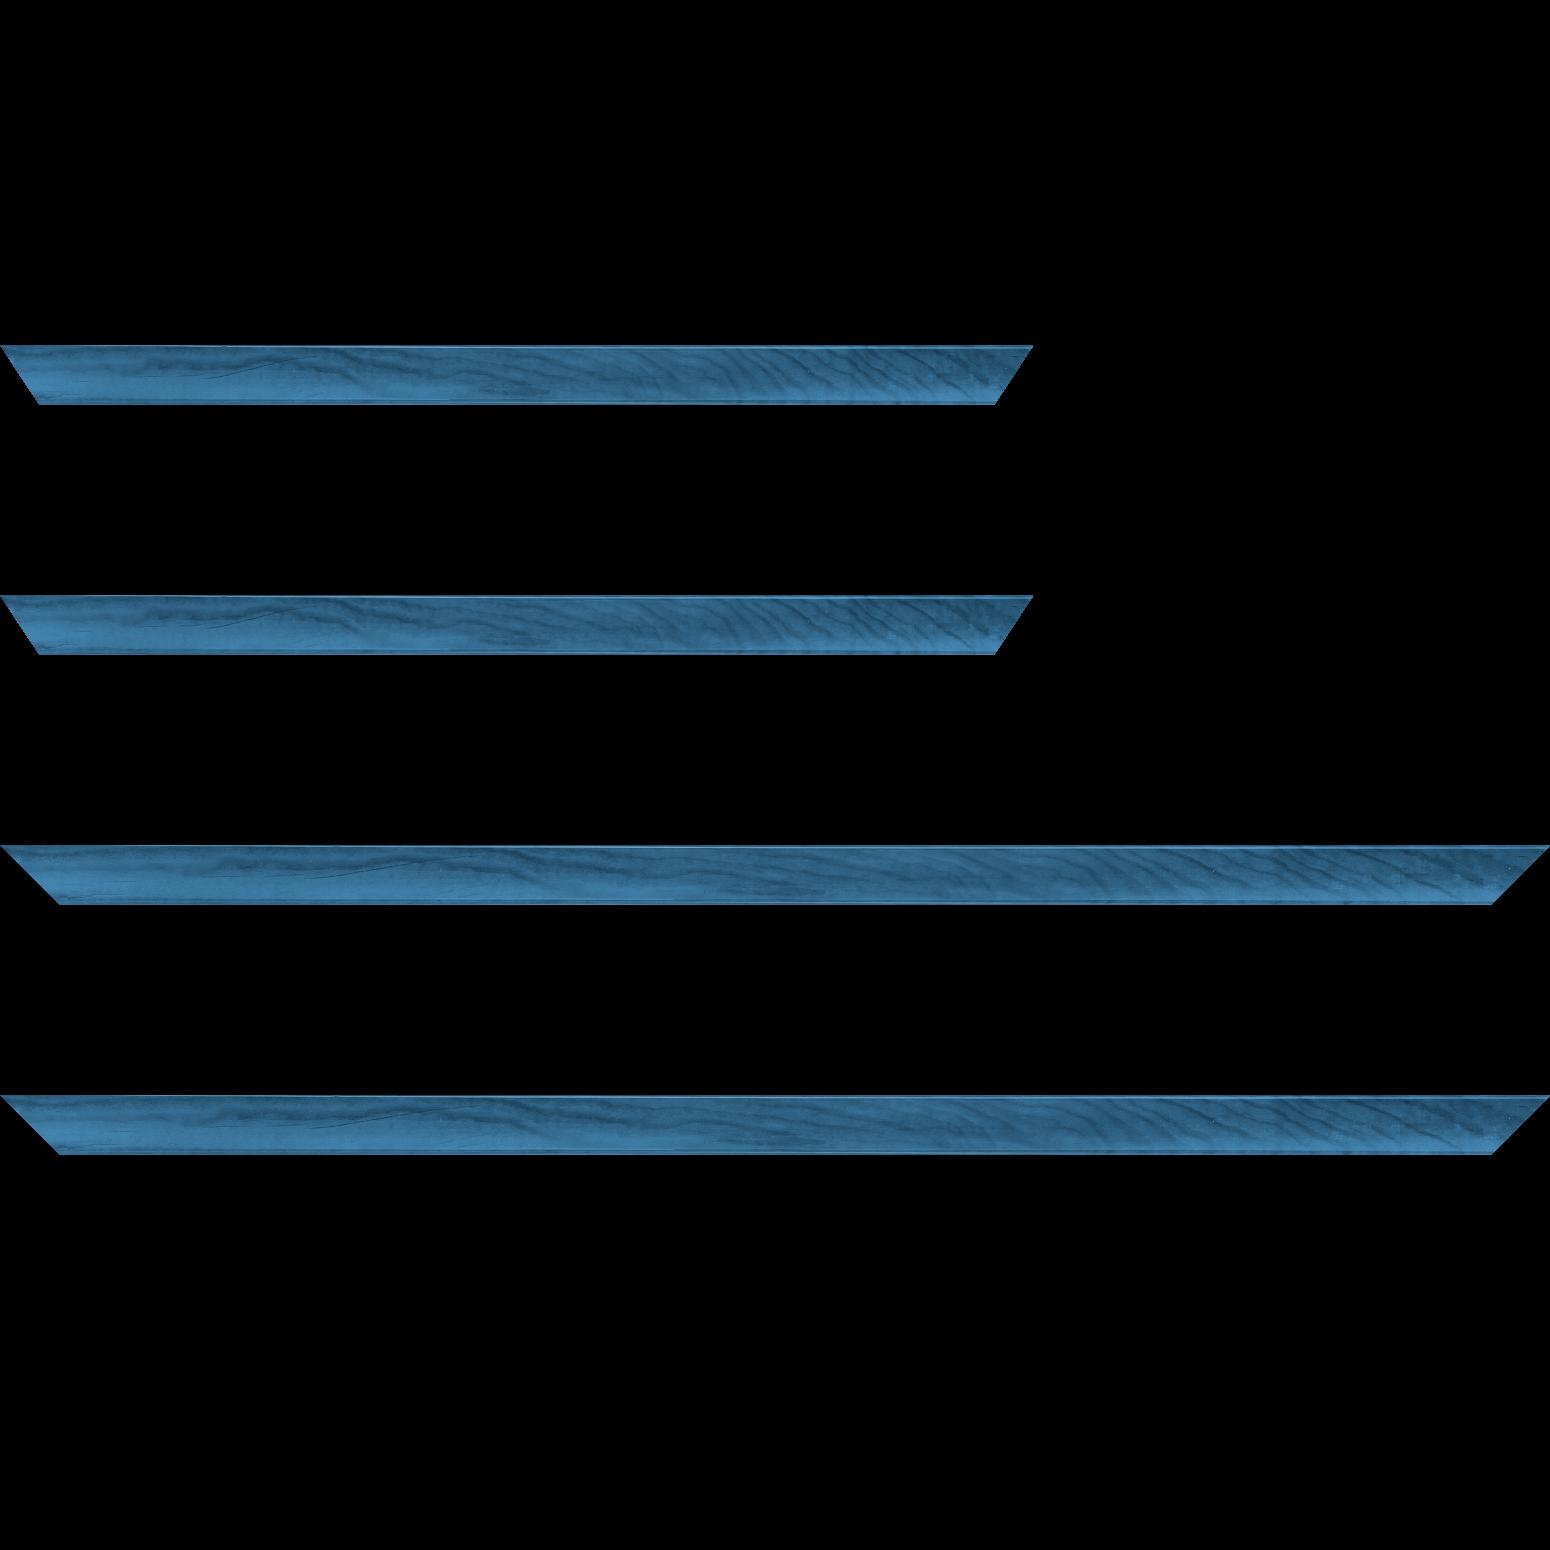 Baguette service précoupé Bois profil arrondi plongeant largeur 2cm couleur bleu vernis sur pin (veine du bois apparent)